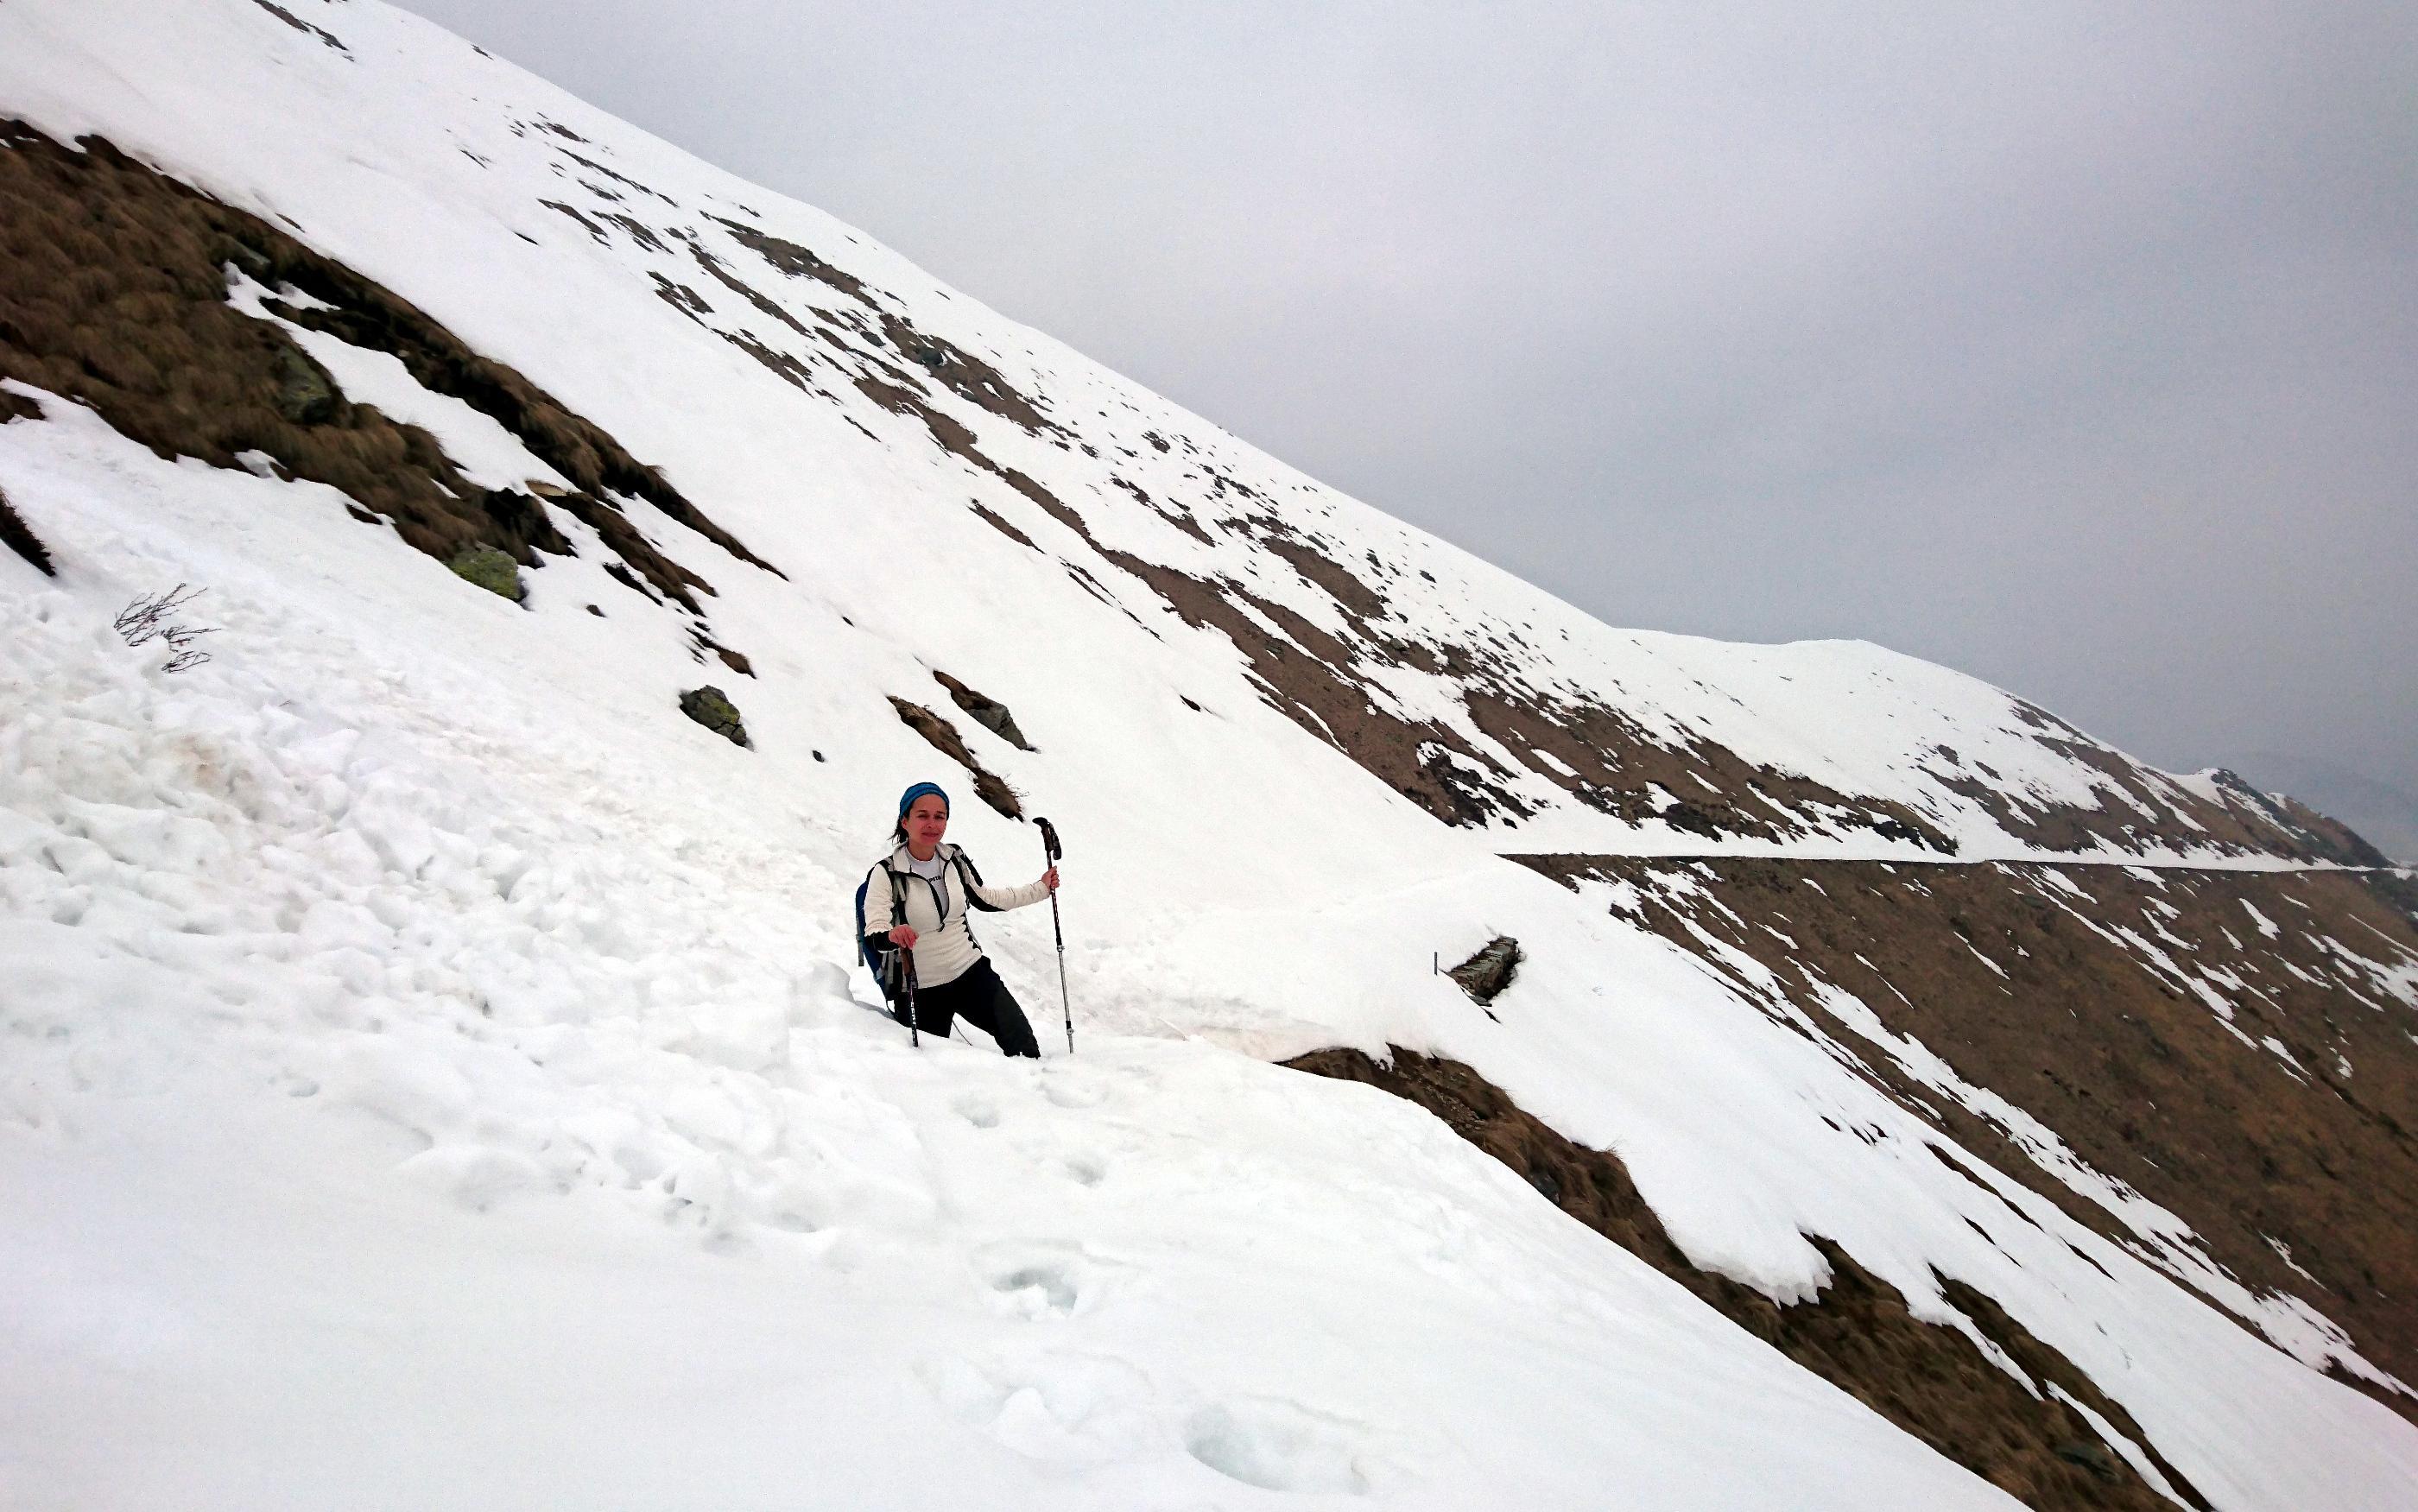 dopo il passo la neve sulla strada militare rende l'avanzata ...disagevole